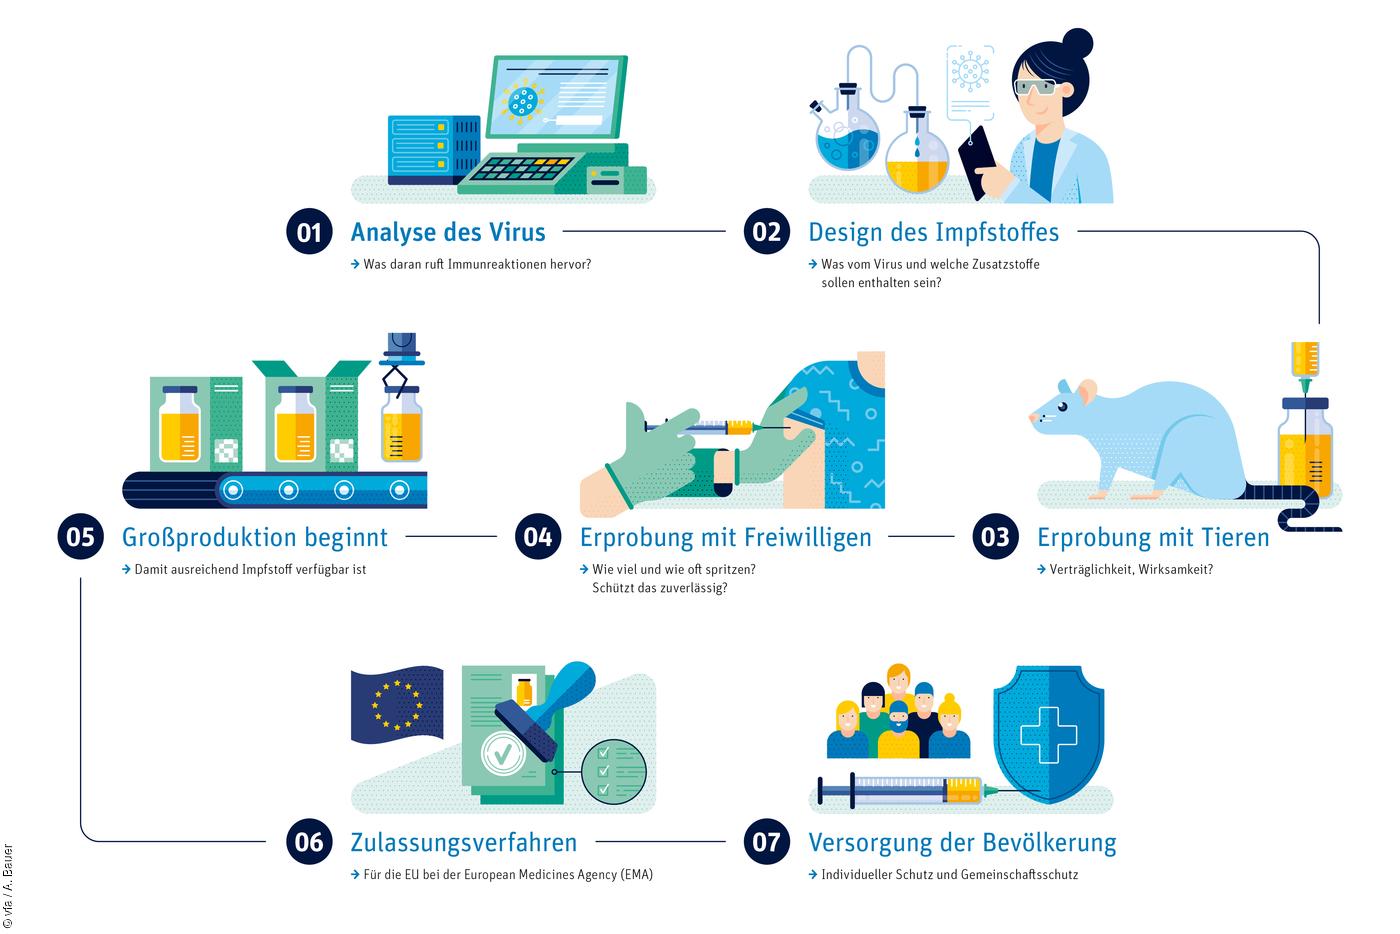 Illustration der sieben Etappen zur Entwicklung eines neuen Impfstoffs